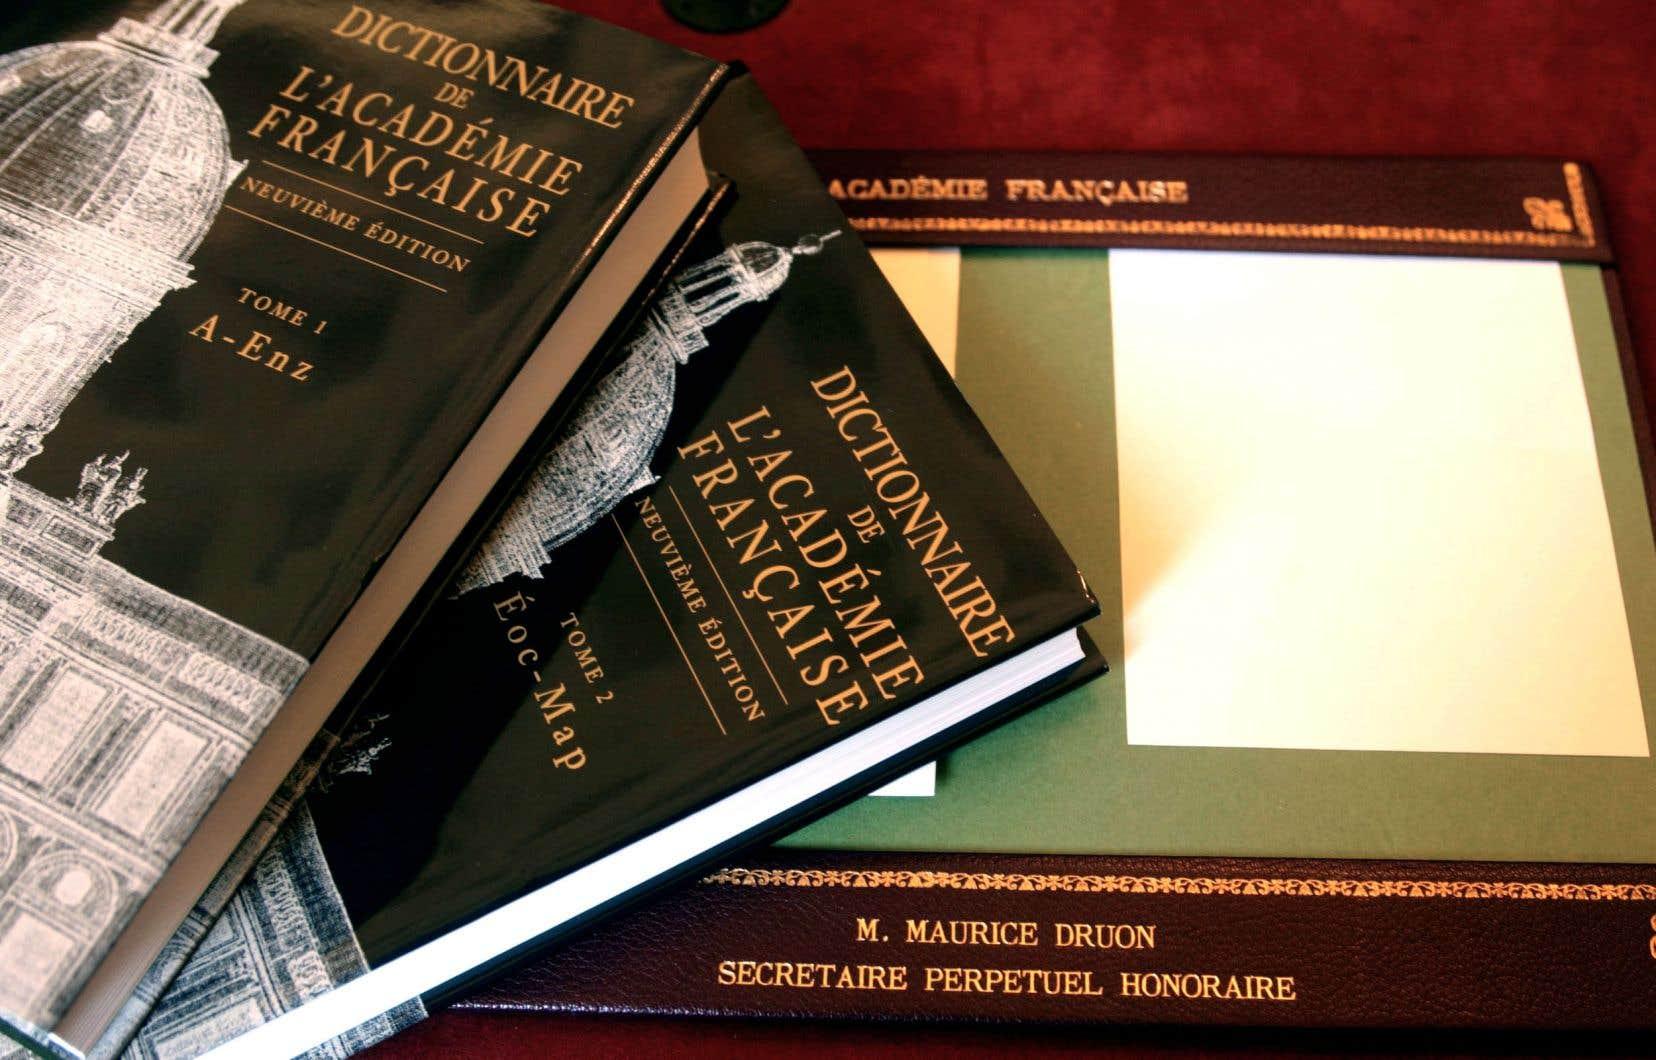 Les académiciens ont commencé la rédaction de la 9e édition de leur dictionnaire en 1986 (après un gros passage à vide entre les années 1950 et 1970).